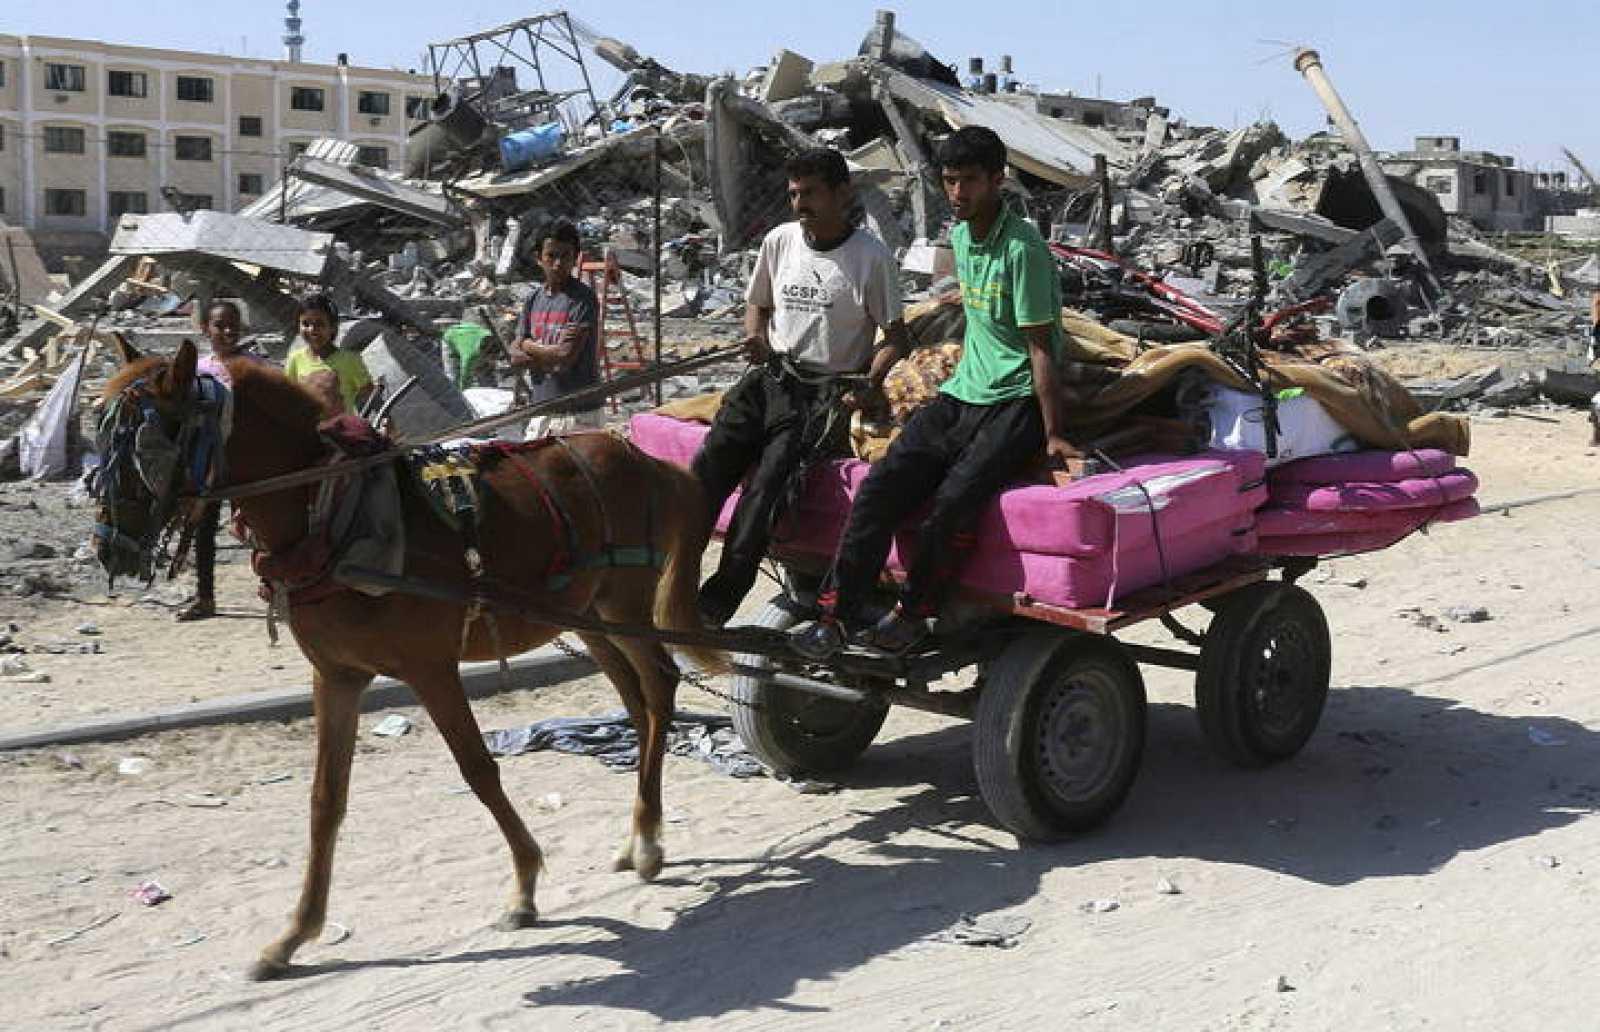 ISRAEL ANUNCIA QUE LA OPERACIÓN EN GAZA SE INTENSIFICARÁ EN LOS PRÓXIMOS DÍAS